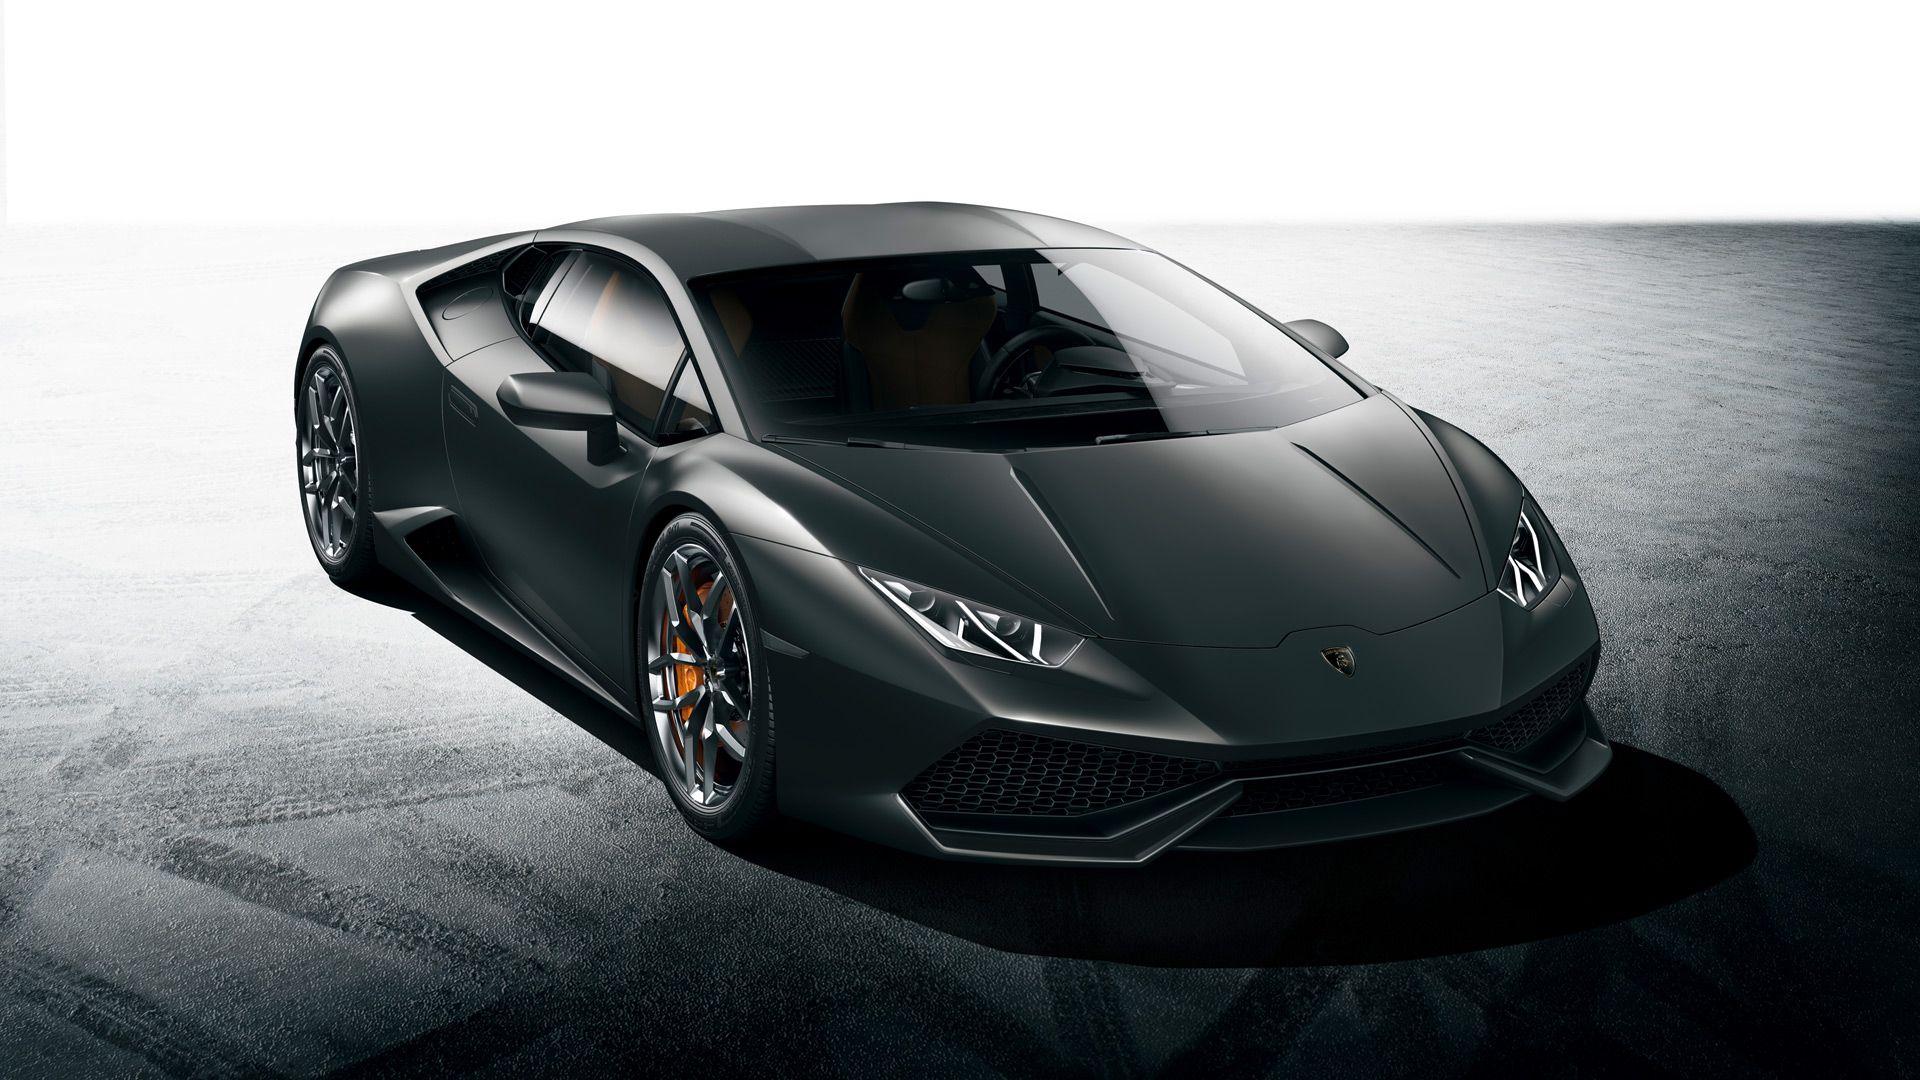 Good Wallpaper High Quality Lamborghini - e9c6c021535ed12e8d7351e6594138f3  Trends_603489.jpg